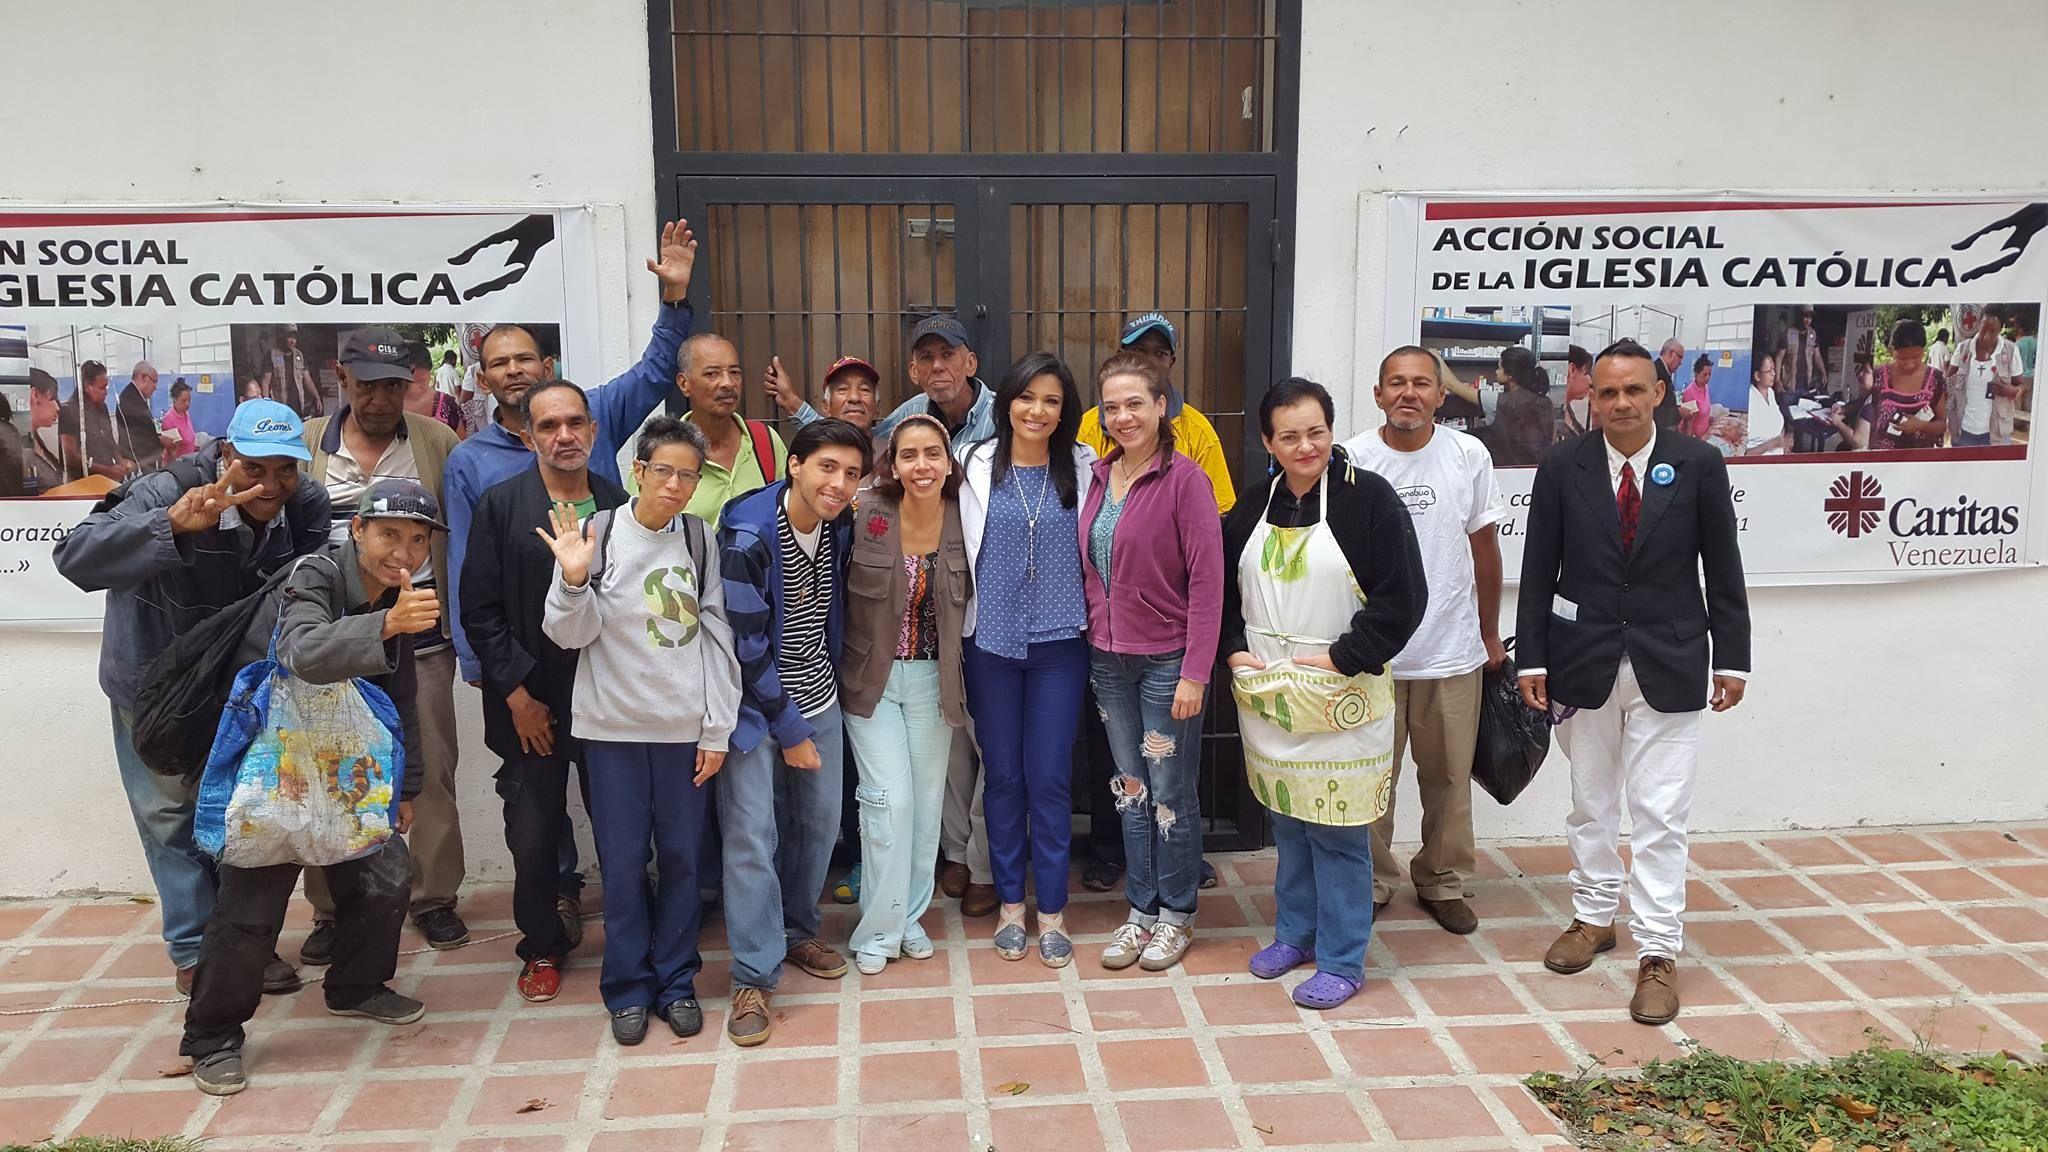 1541578049_Marinellys_en_la_Casa_de_la_Misericordiasede_de_la_Conferencia_Episcopal_Venezolana